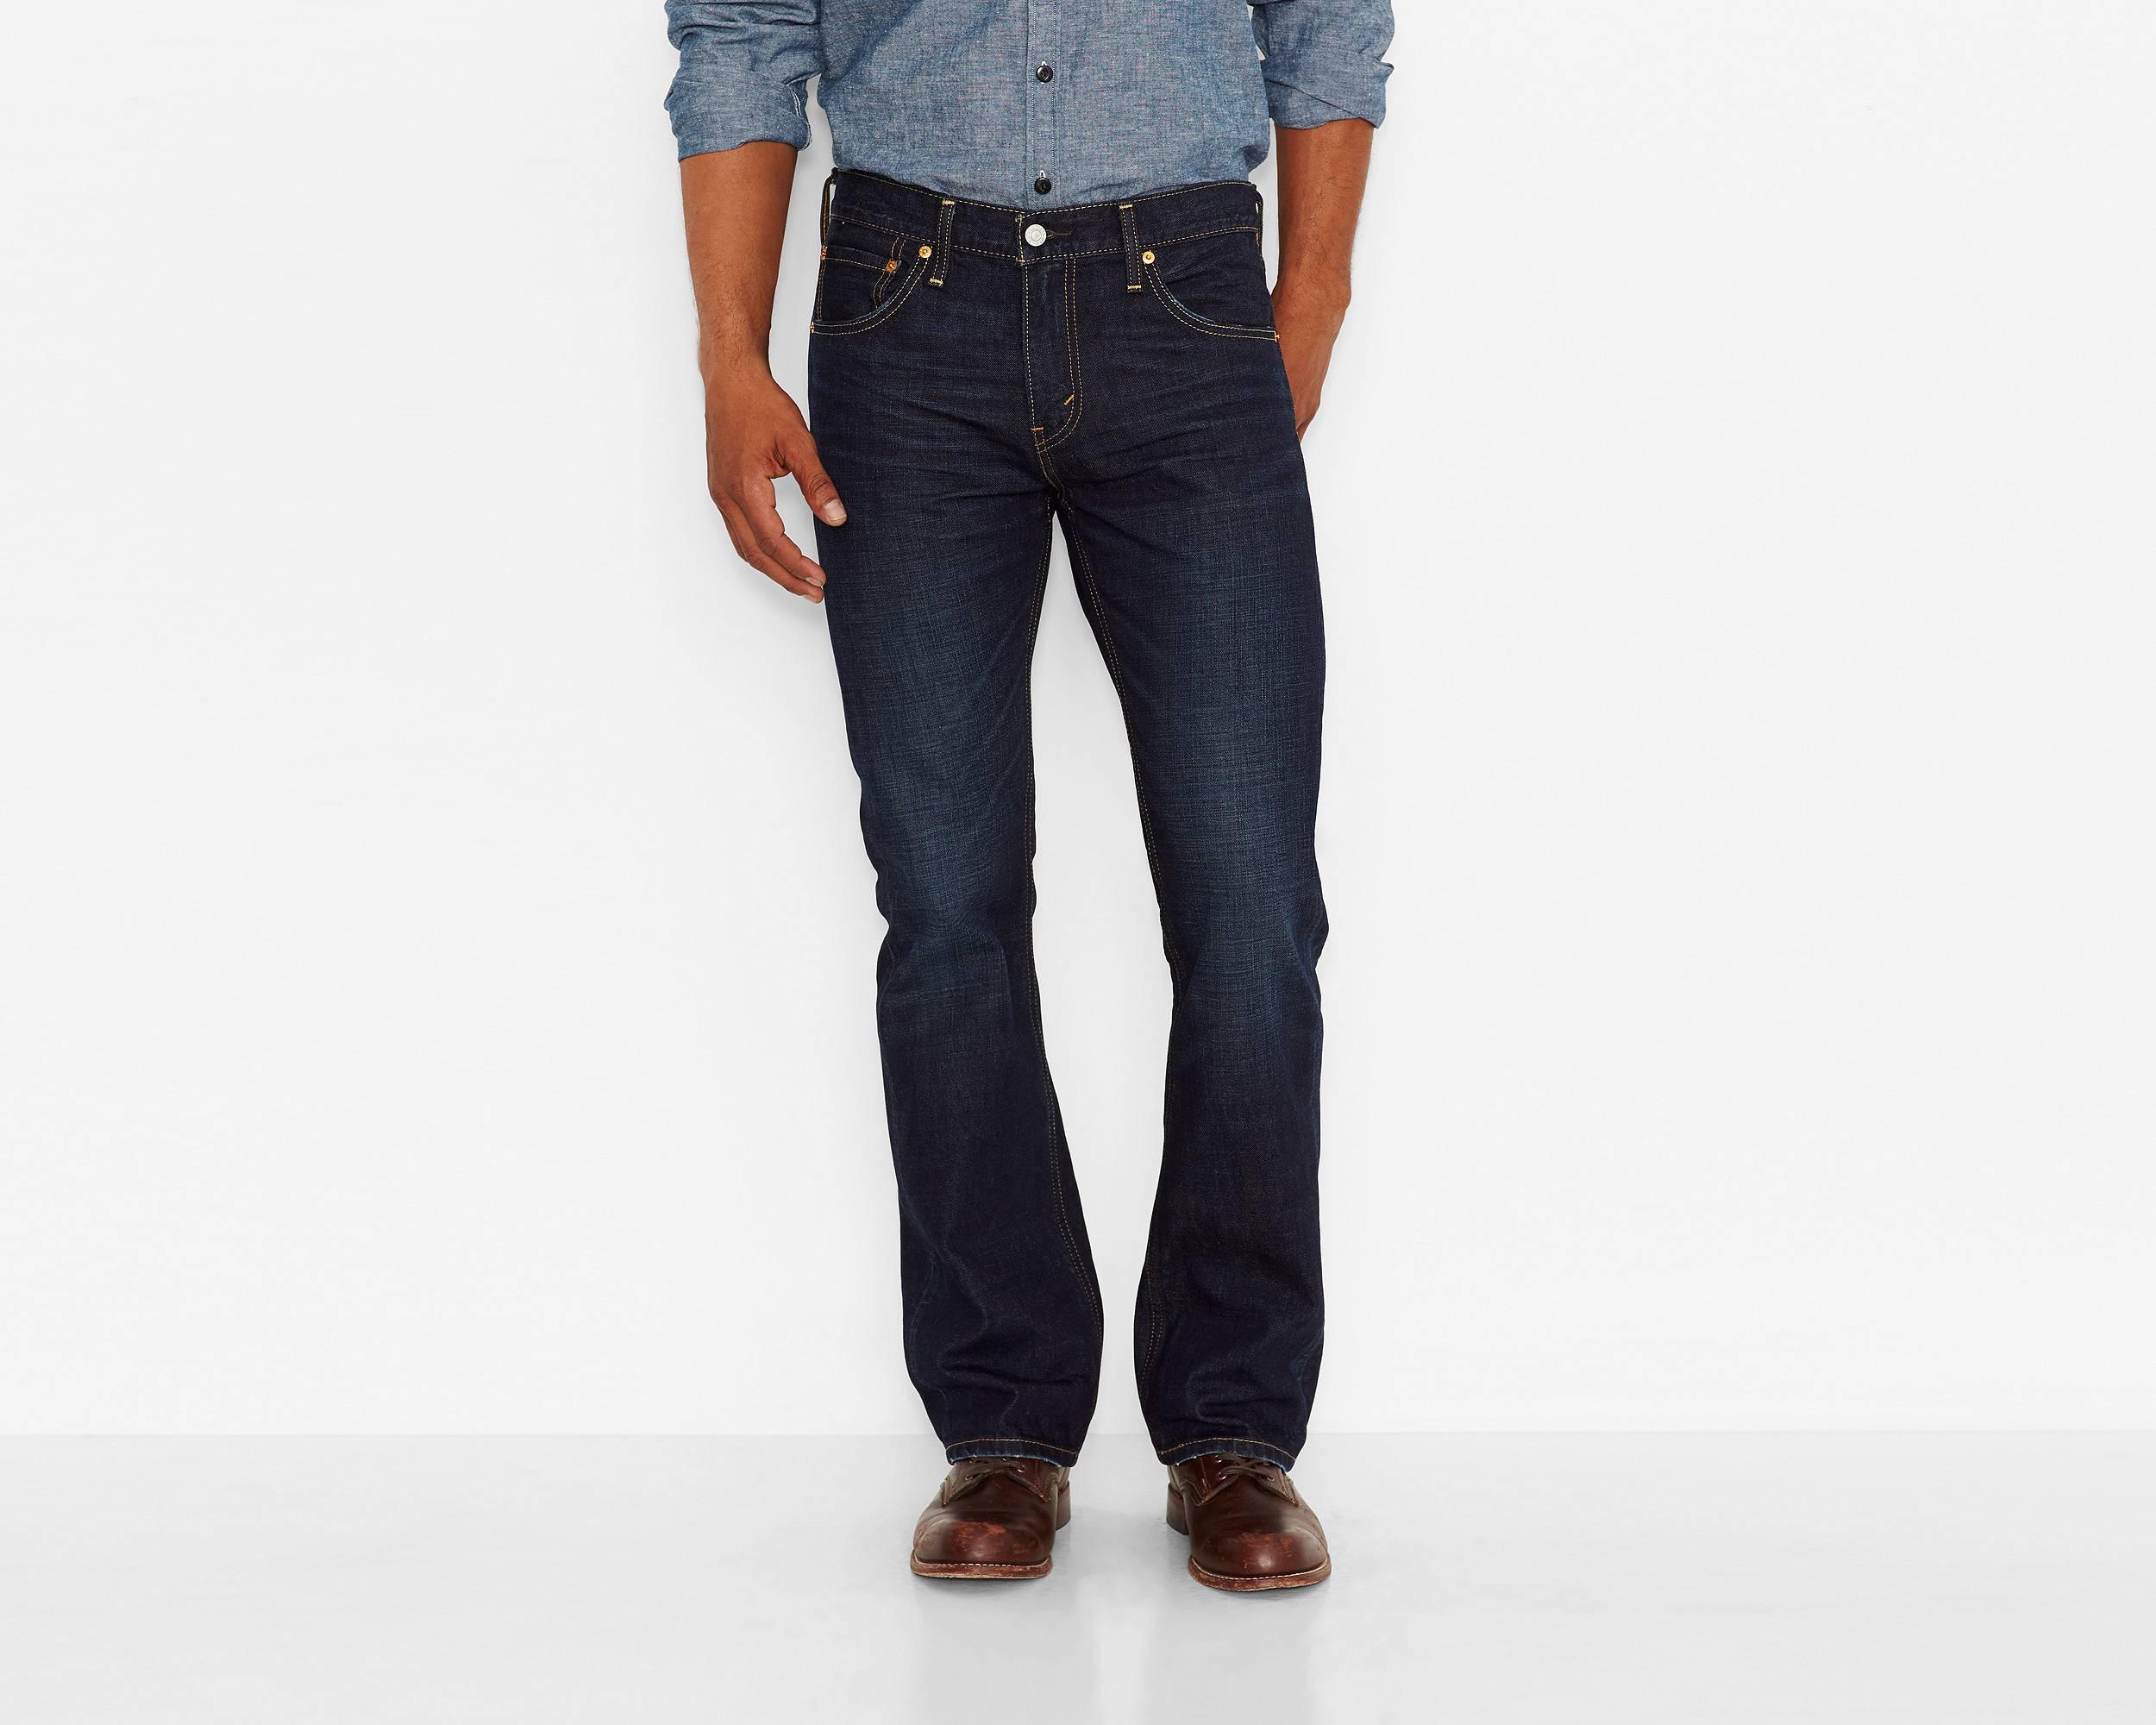 semi bootcut jeans - Jean Yu Beauty